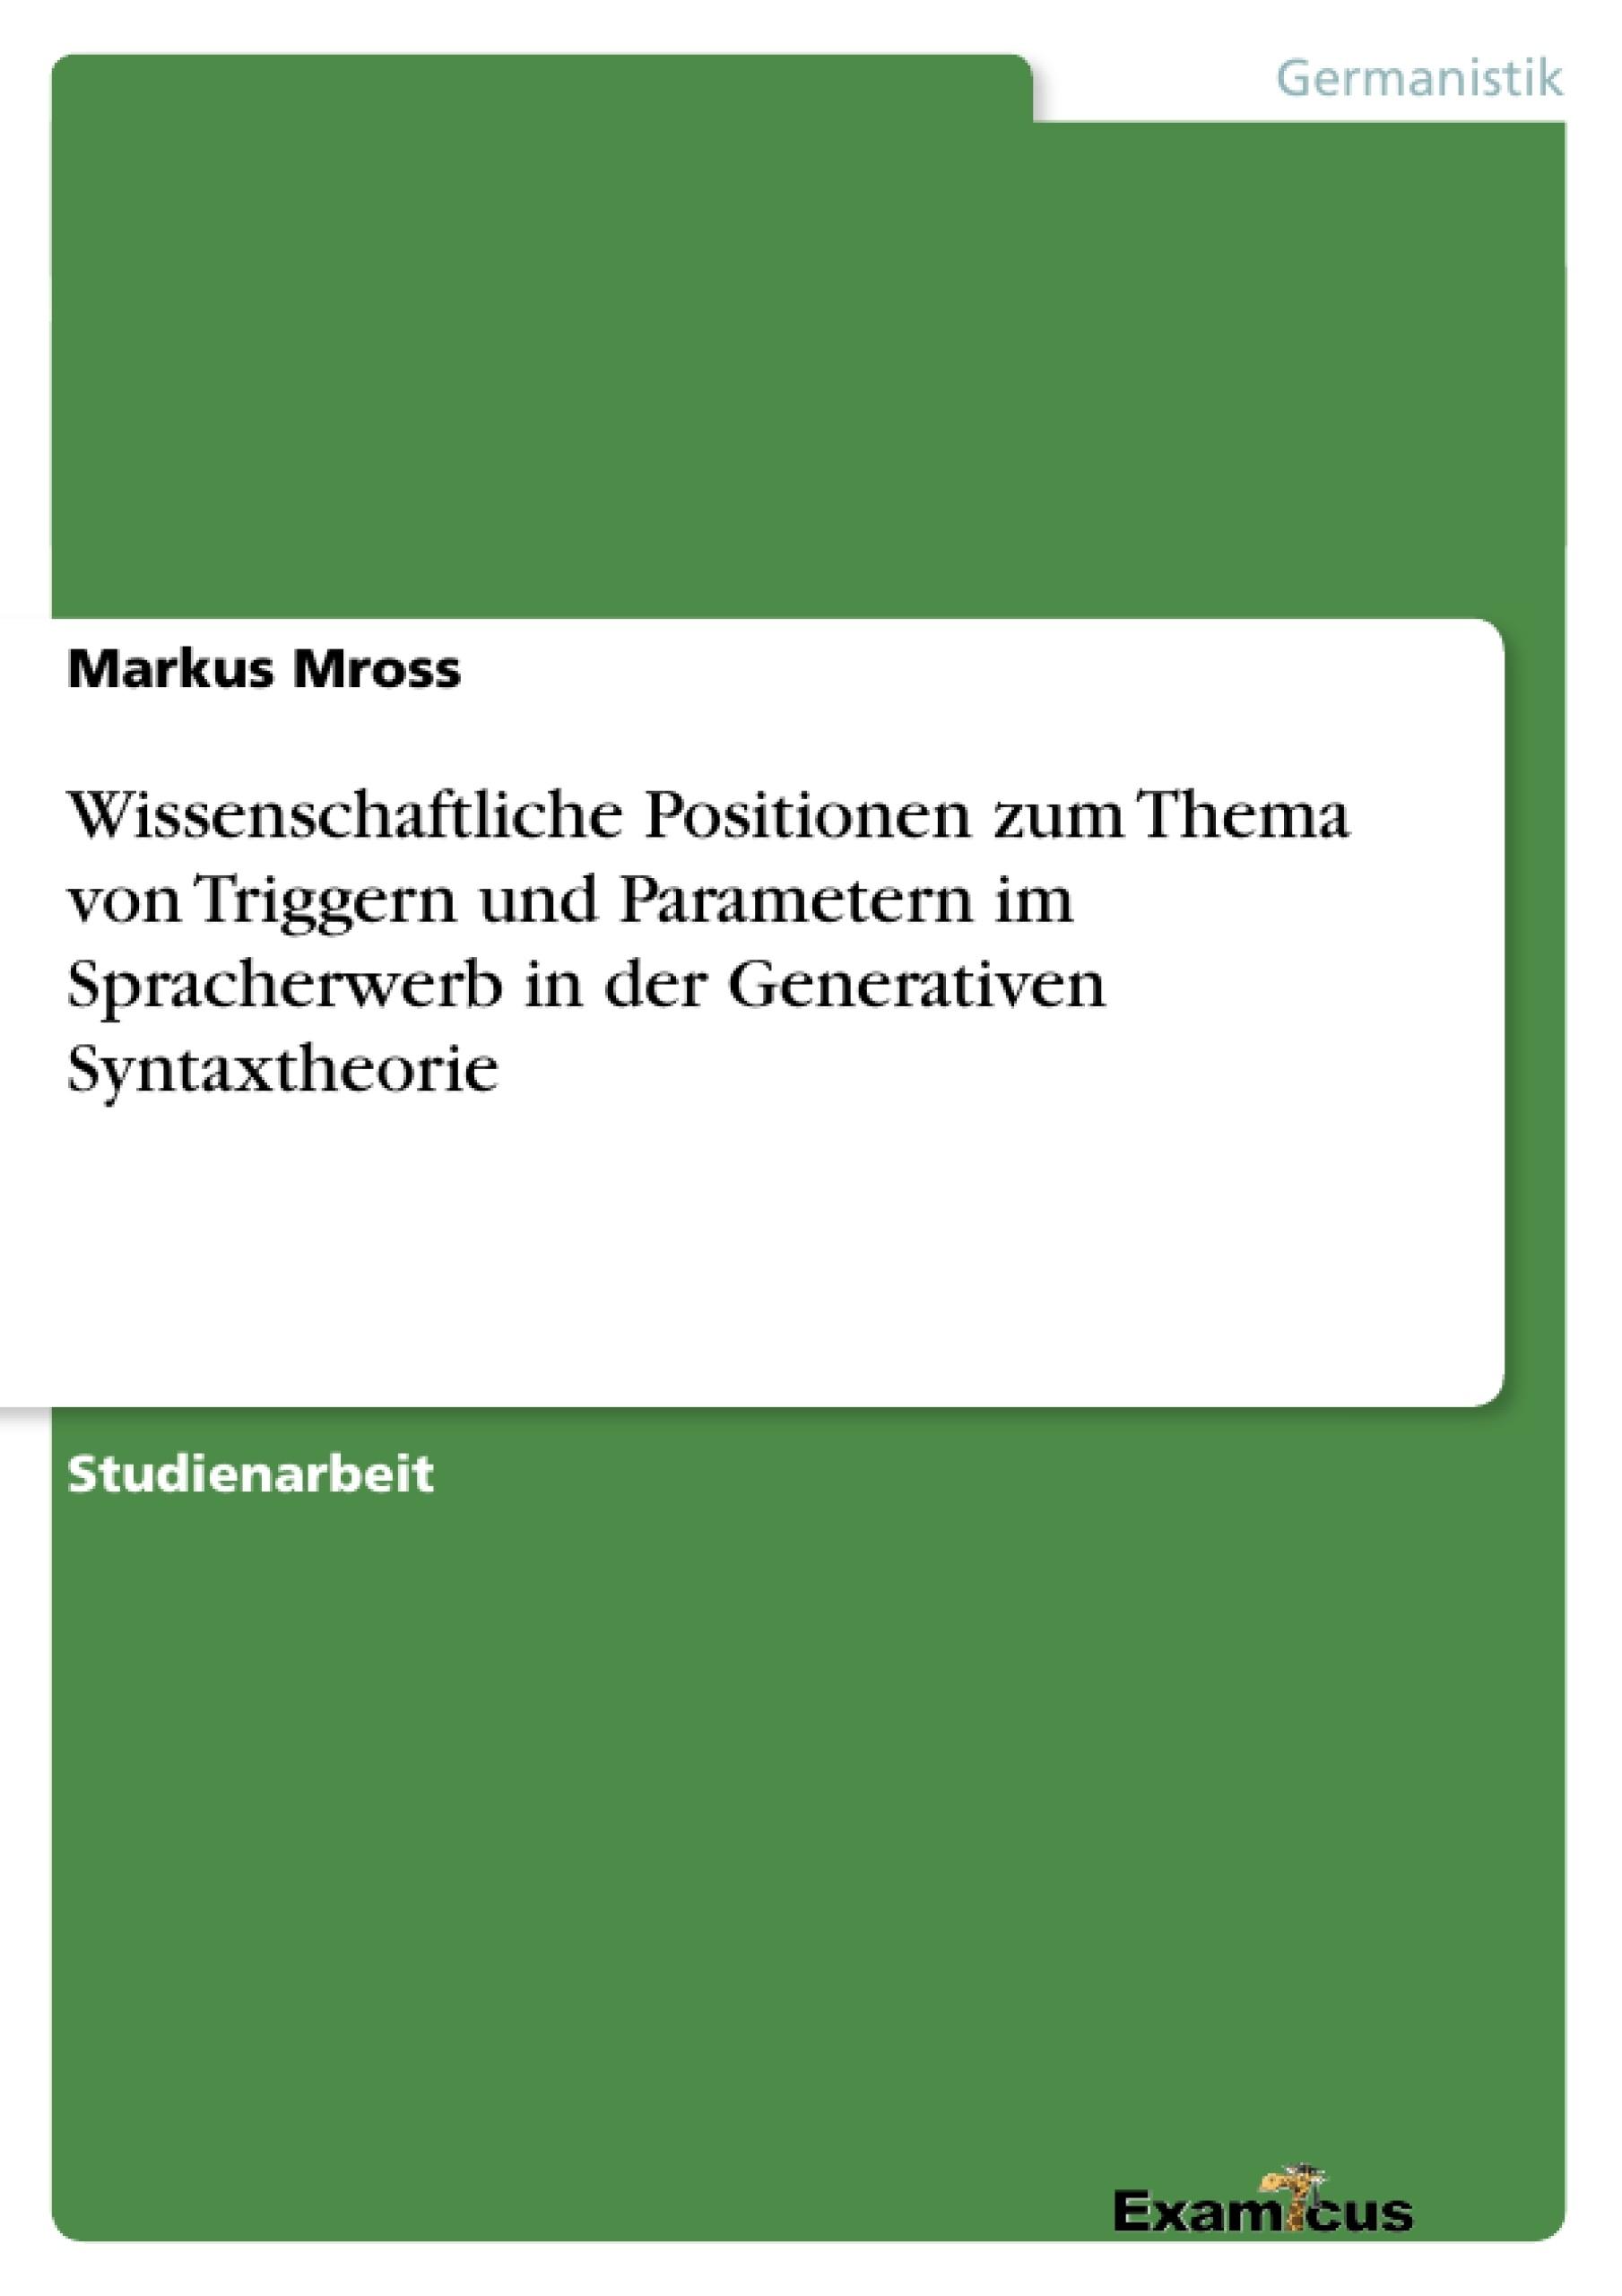 Titel: Wissenschaftliche Positionen zum Thema von Triggern und Parametern im Spracherwerb in der Generativen Syntaxtheorie